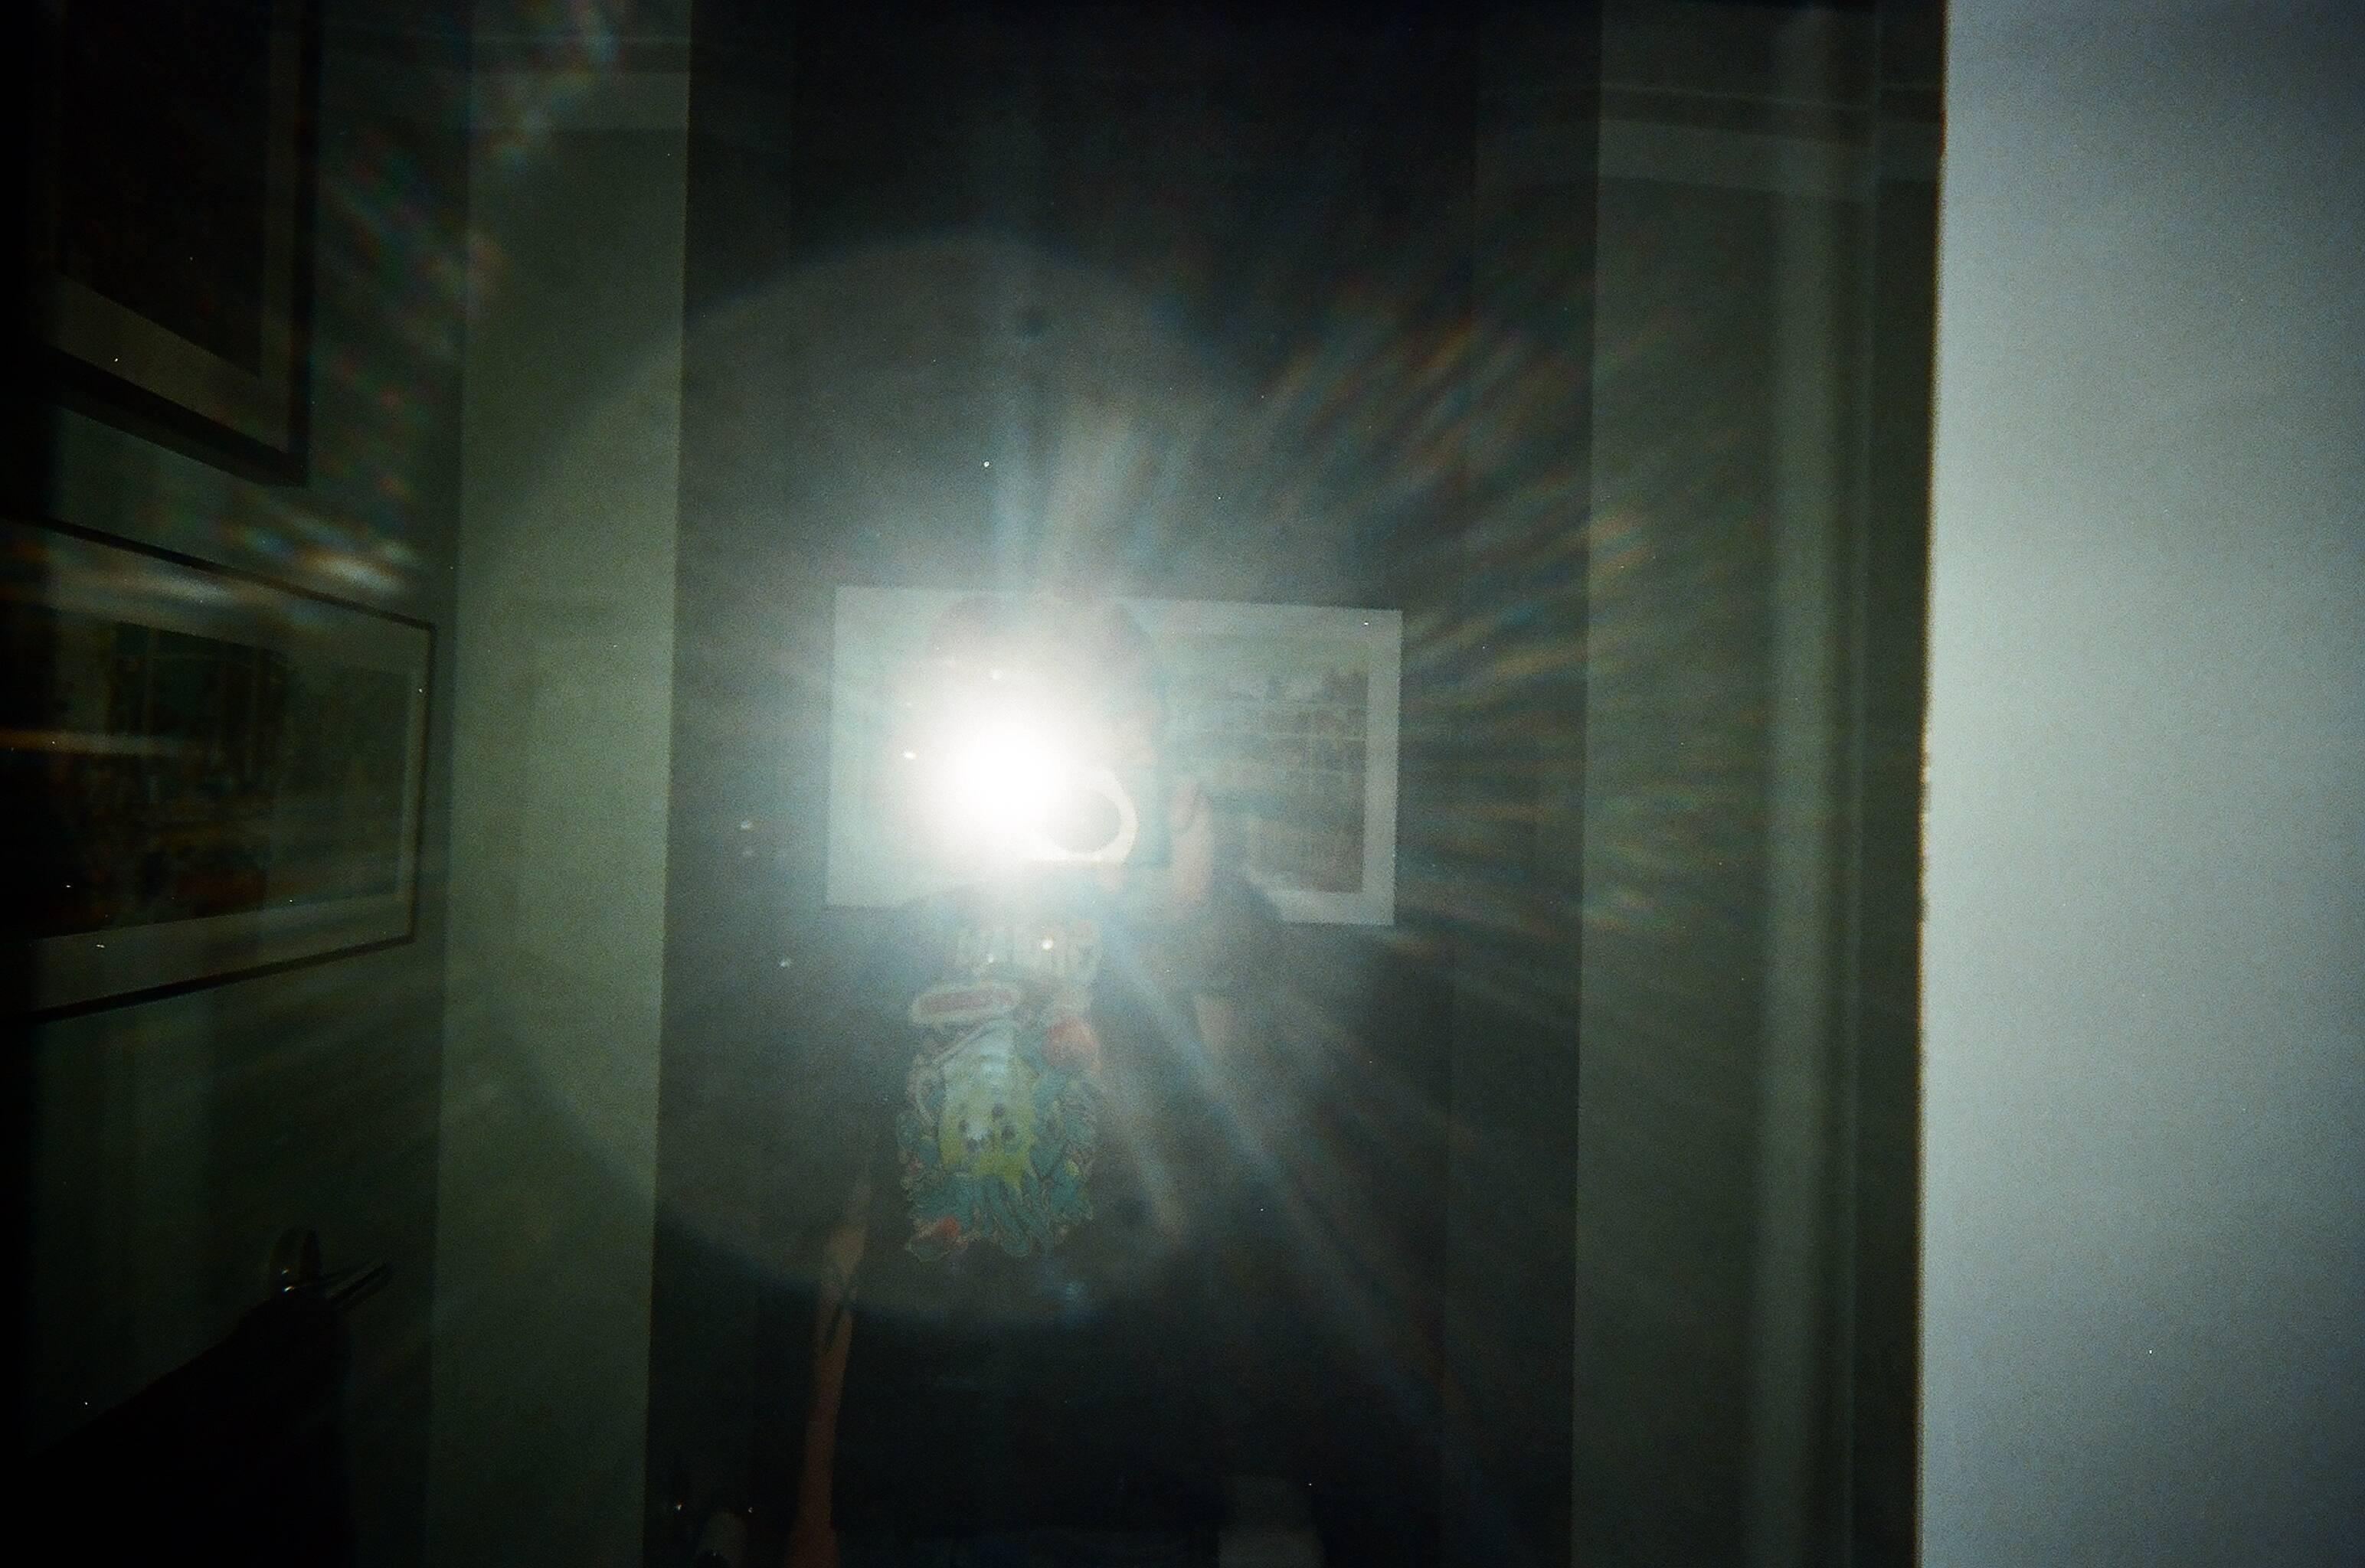 05 - Failed Selfie